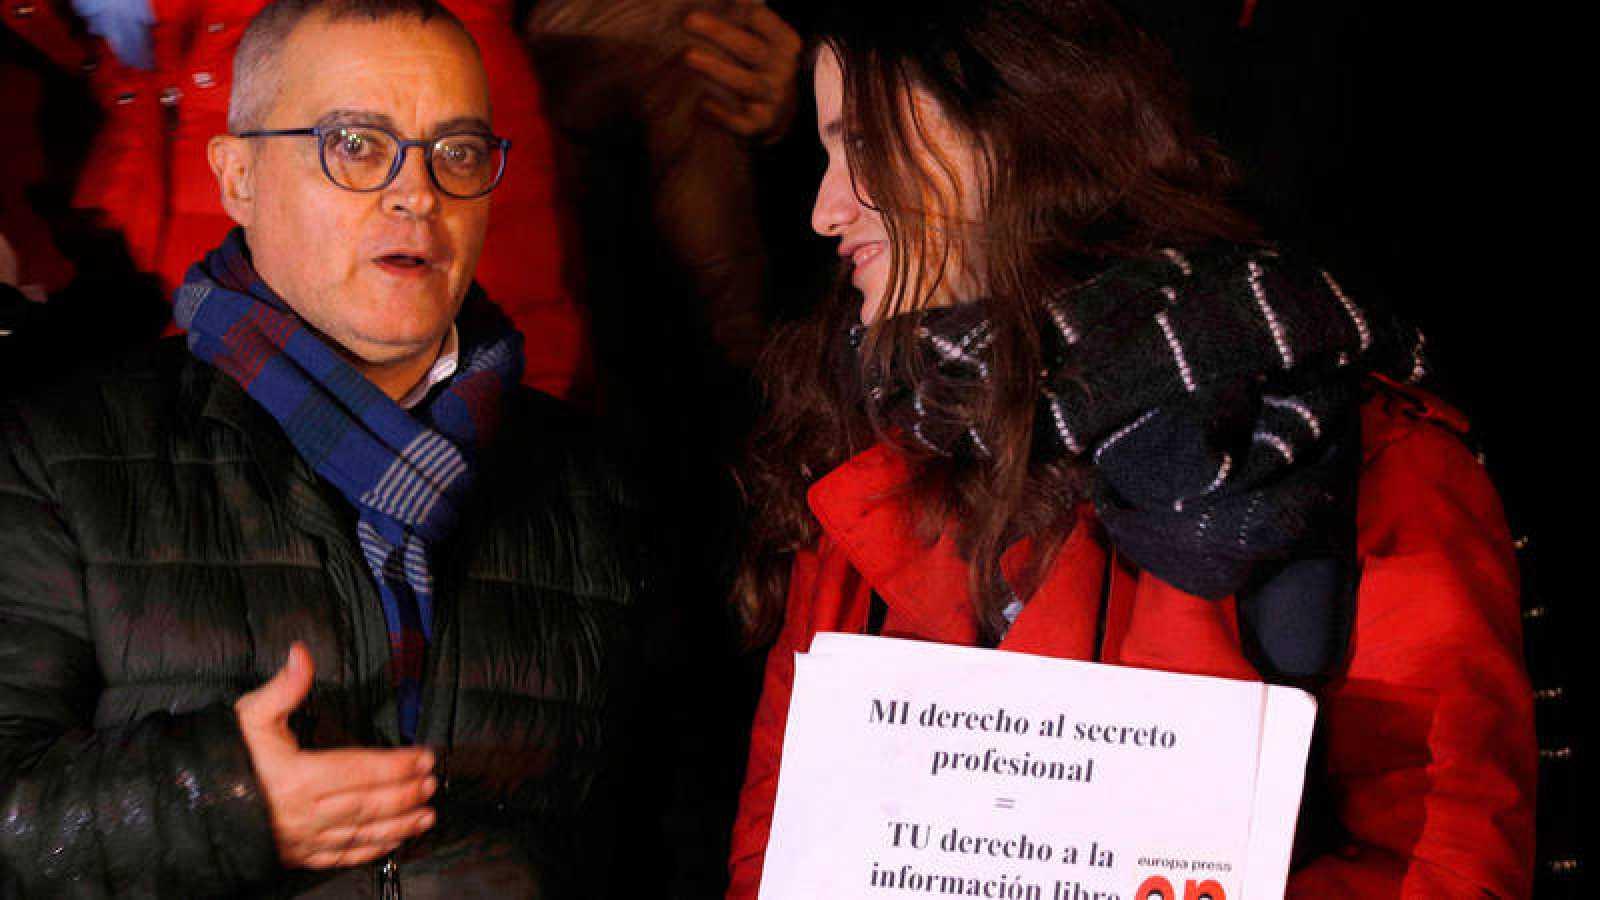 José Francisco Mestre, periodista de Diario de mallorca al que el juez Florit incautó el móvil, en una concentración en defensa del secreto profesional